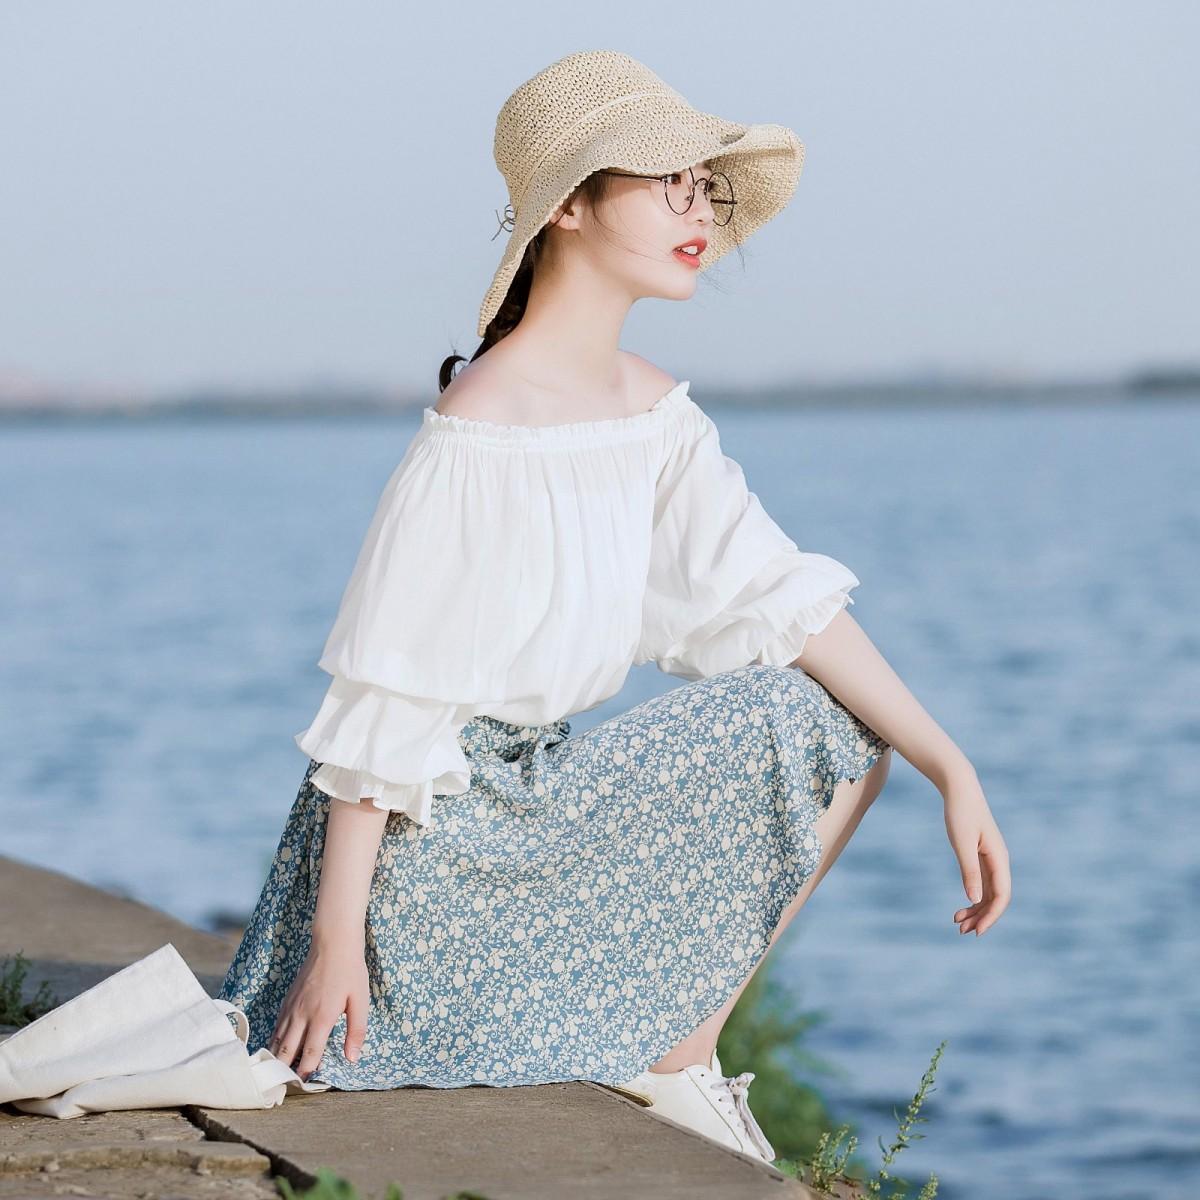 为万千女性装点靓丽青春 纯袖女装带来穿搭新体验